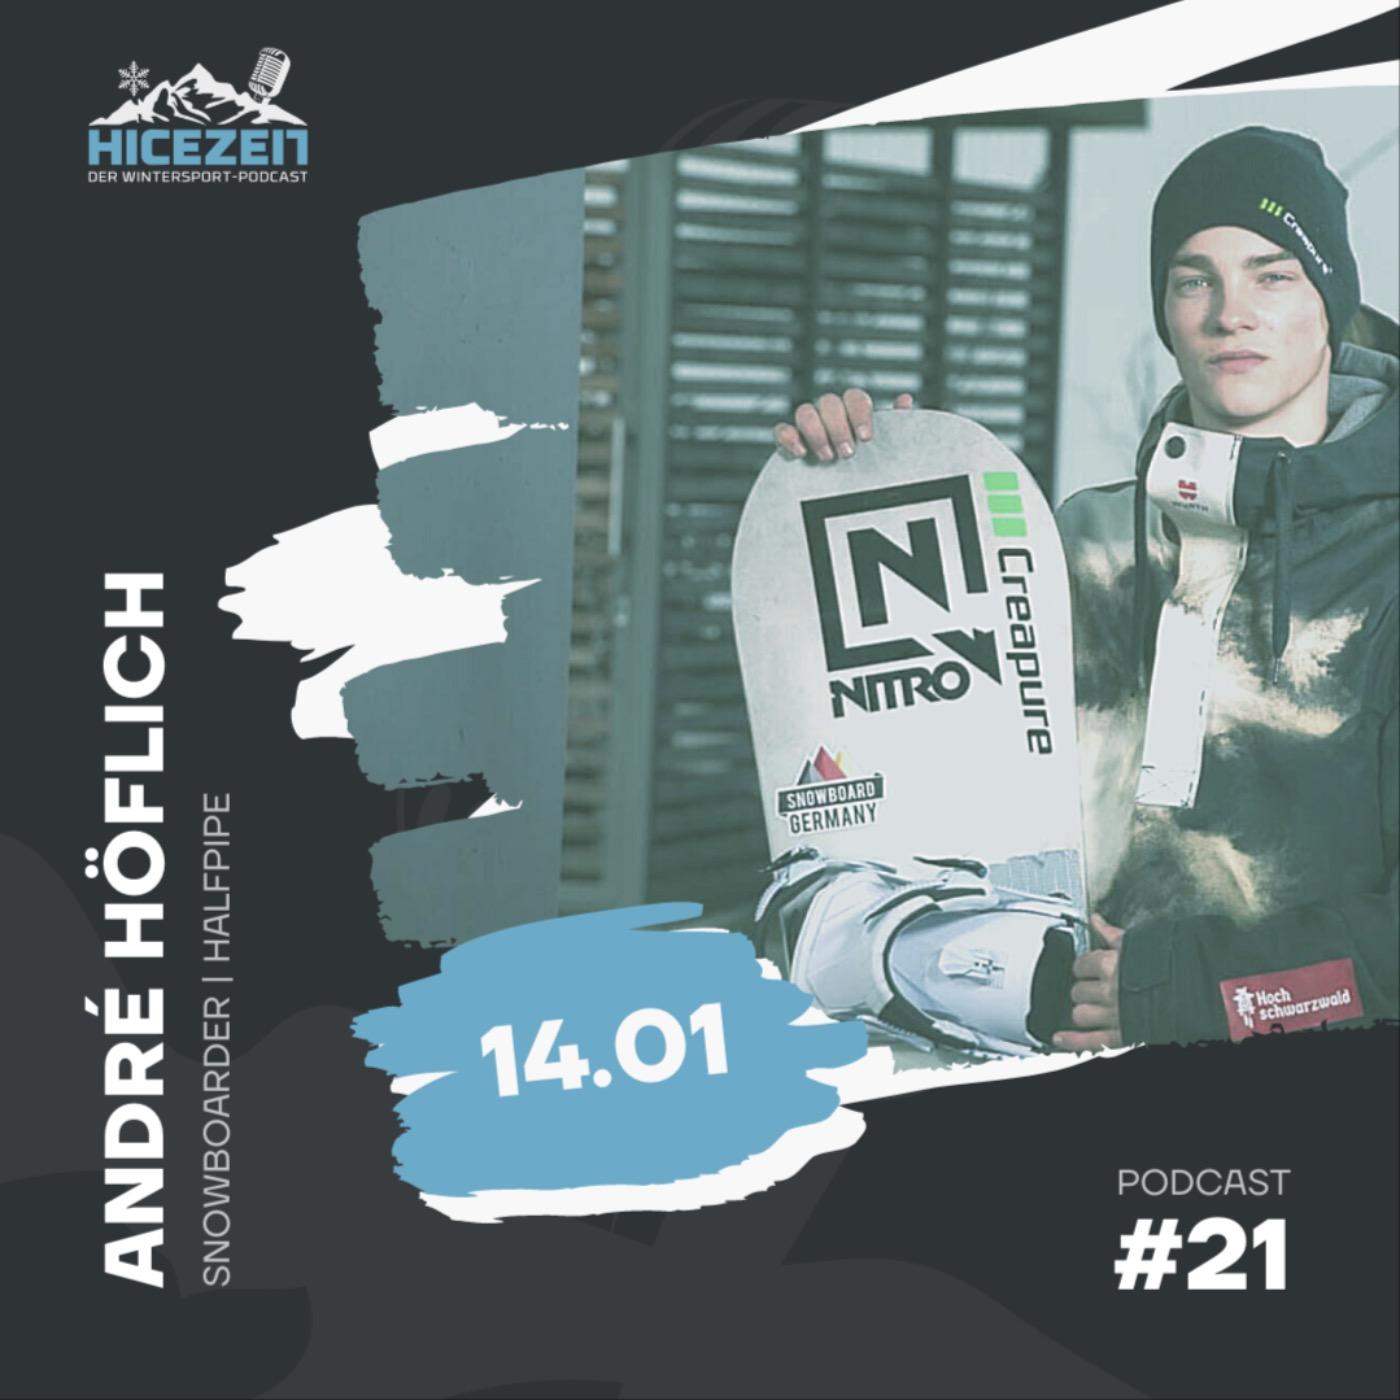 André Höflich, Snowboarder, Der Wintersport-Podcast Folge 21